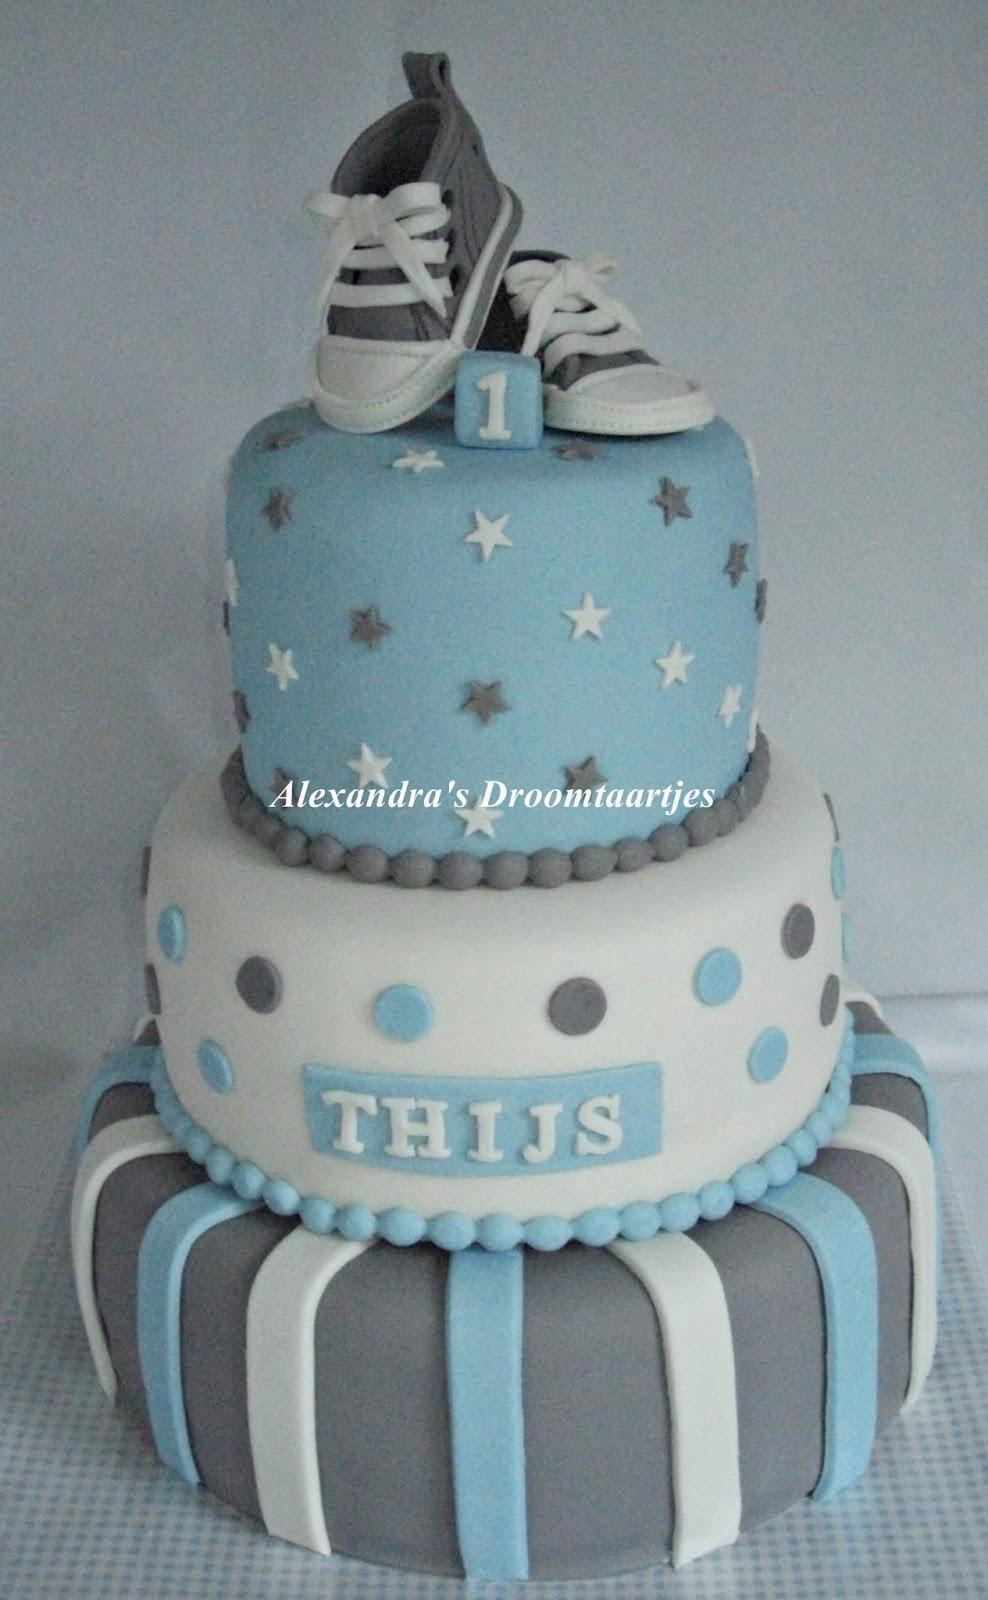 1 jaar taart Sneaker taart / cake jongen 1 jaar | Alexandra's droomtaartjes 1 jaar taart